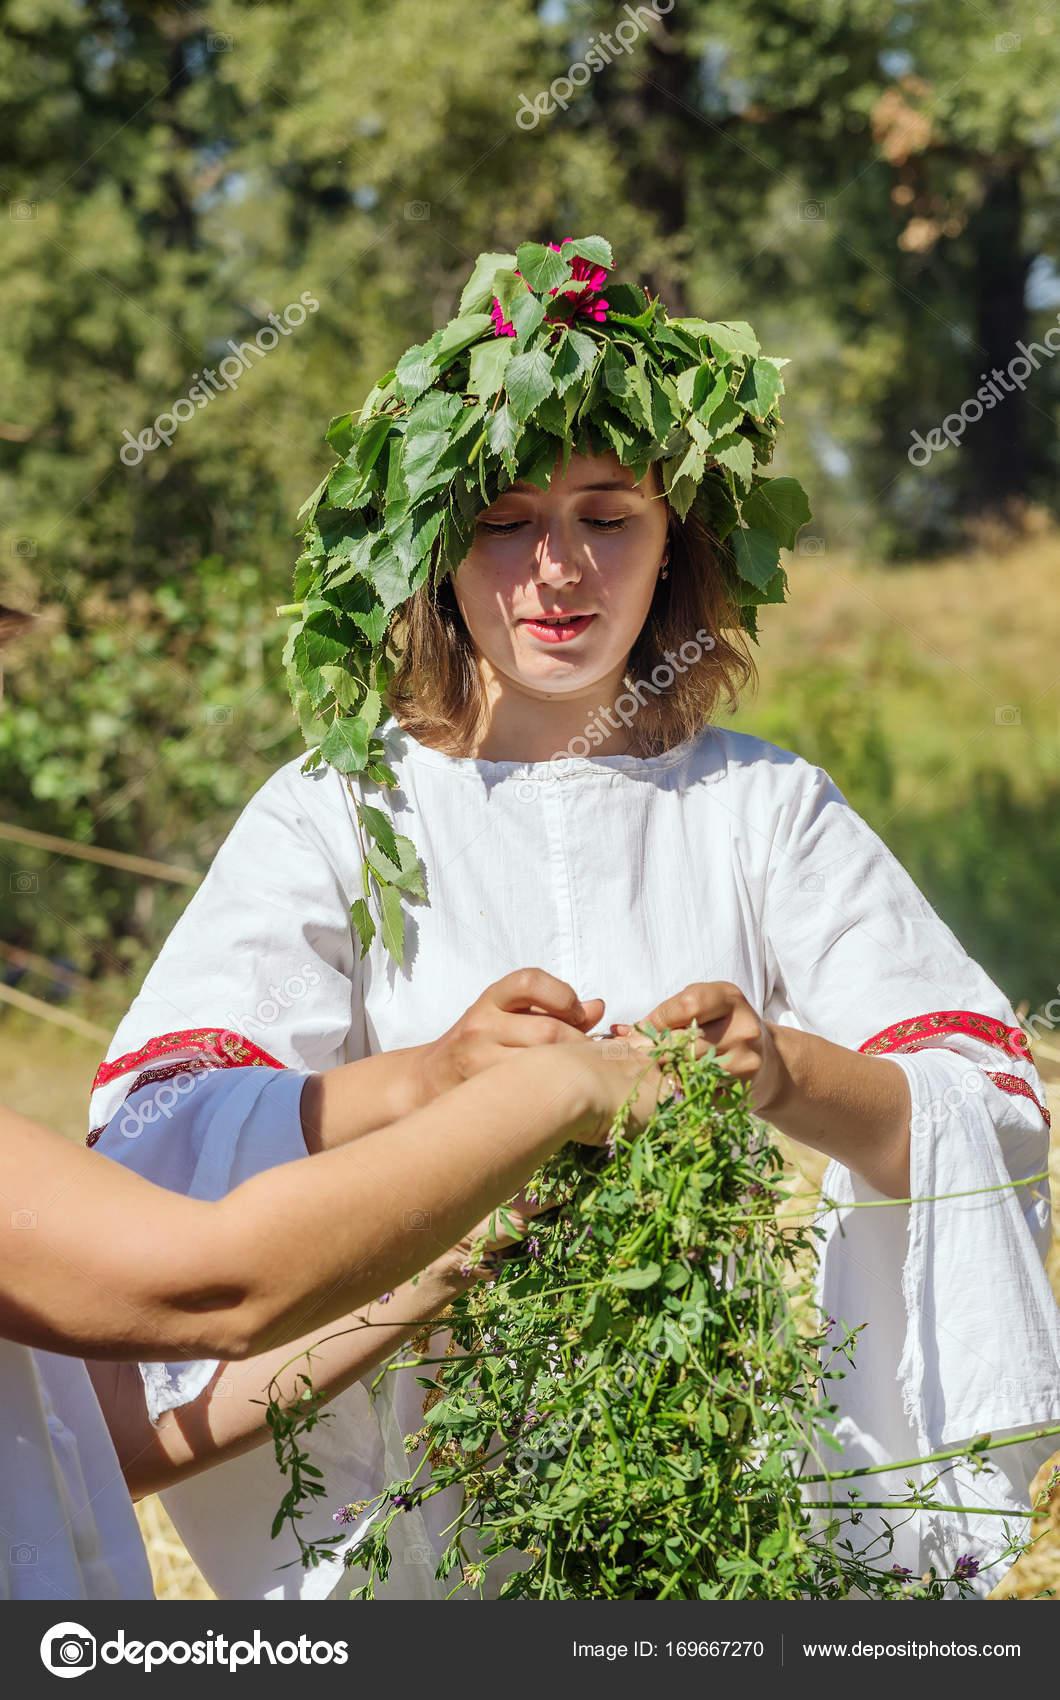 Madchen In Russische Folklore Kleidung Webt Einen Kranz Gras Und